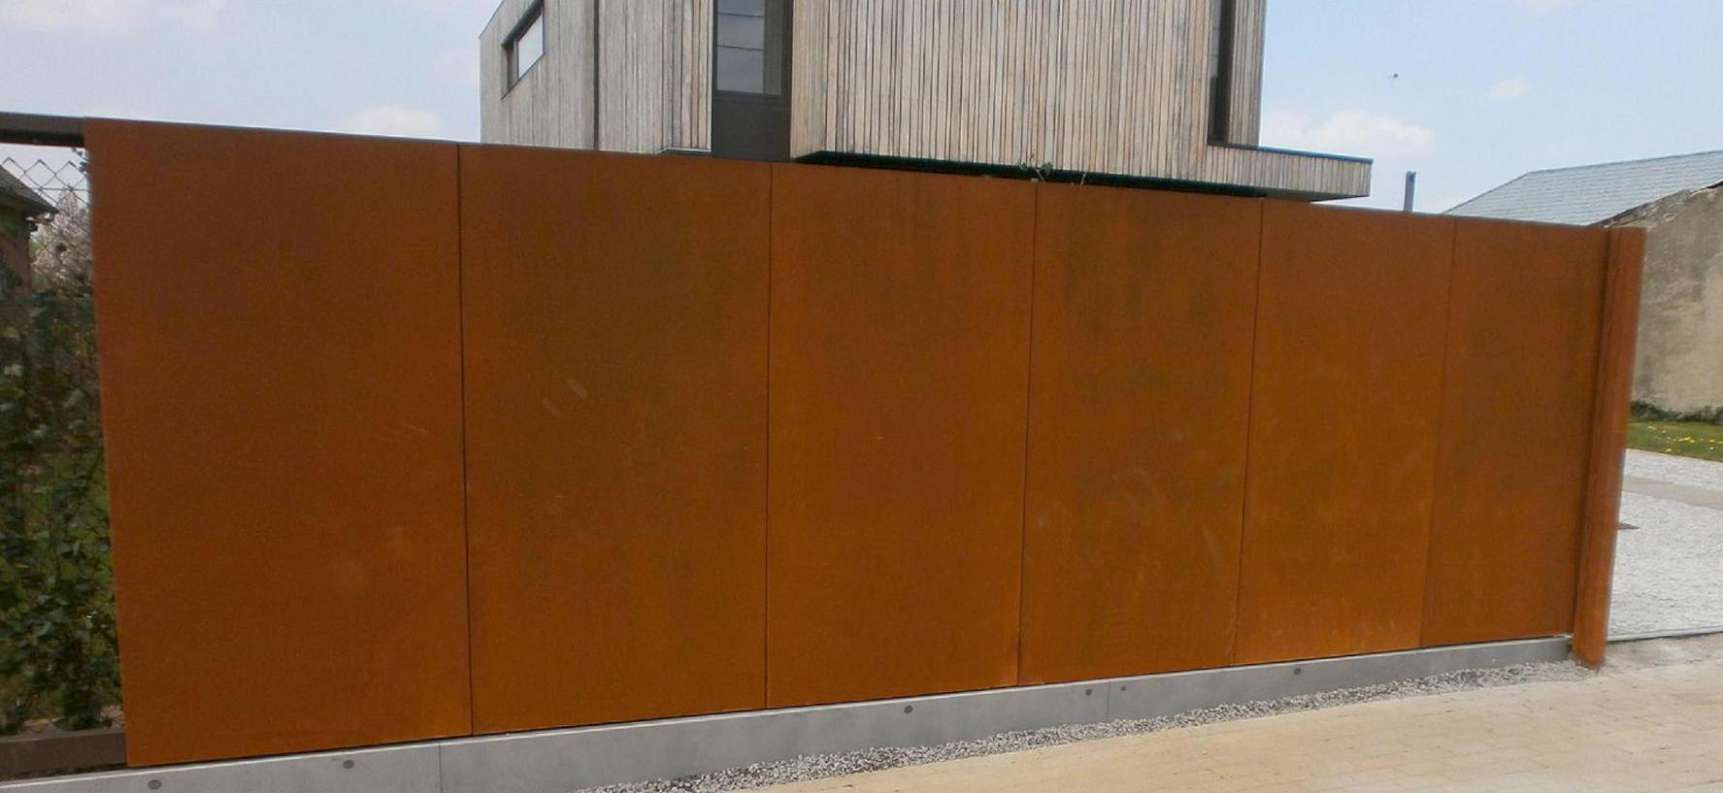 portail vdv corten m145 idees portail coulissant moderne contemporain pinterest corten. Black Bedroom Furniture Sets. Home Design Ideas